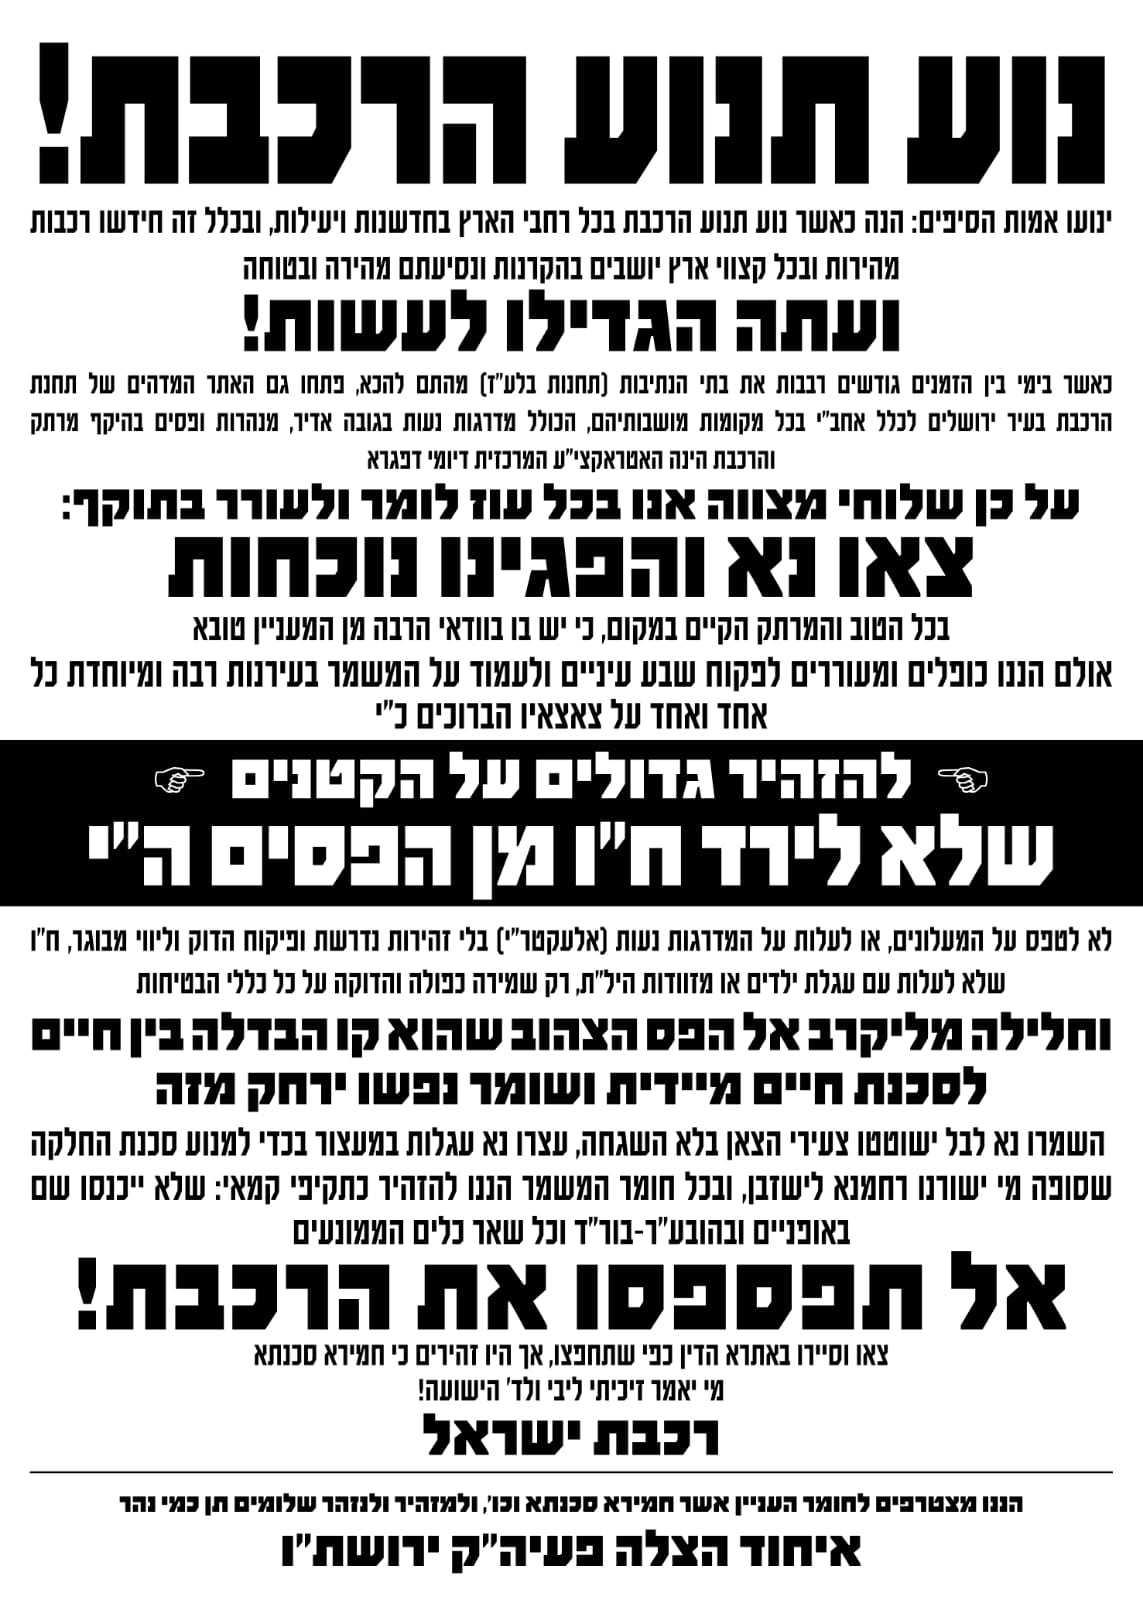 קמפיין הפשקווילים של רכבת ישראל: עלייה של 22% בתחנות באזורים חרדים 3